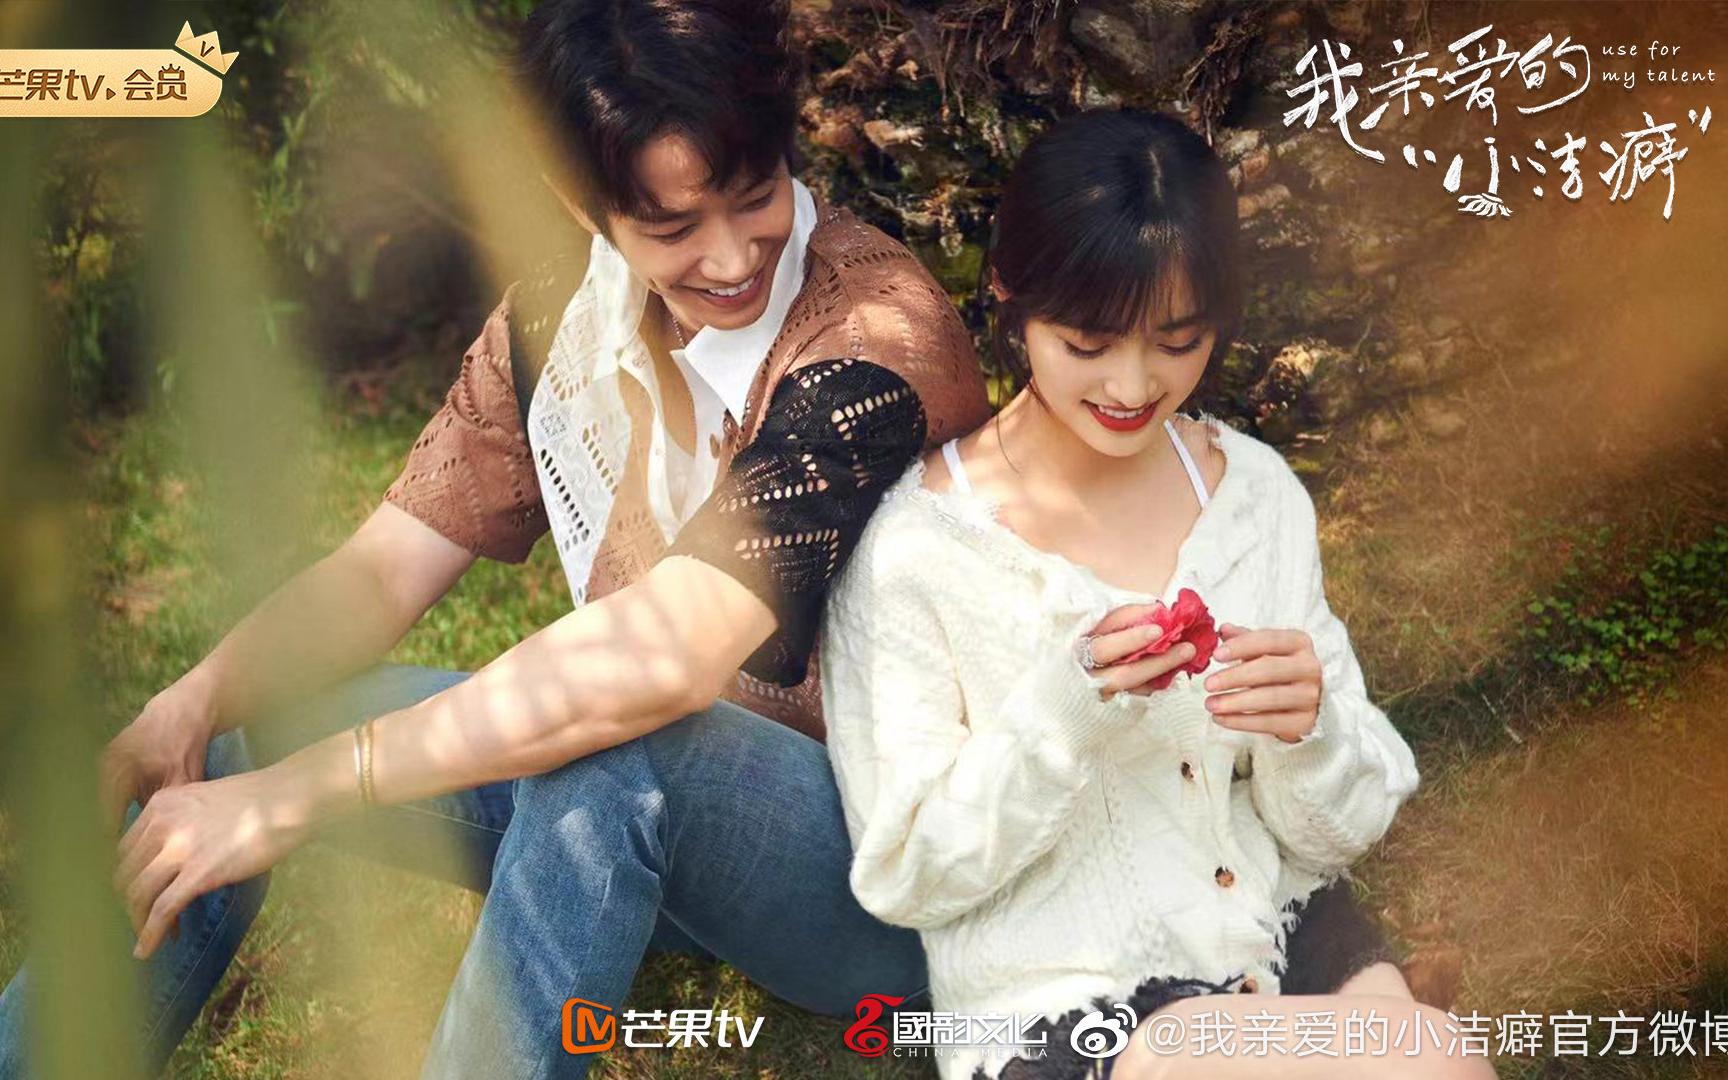 20 phim truyền hình Trung Quốc đang hot nhất Netflix 1